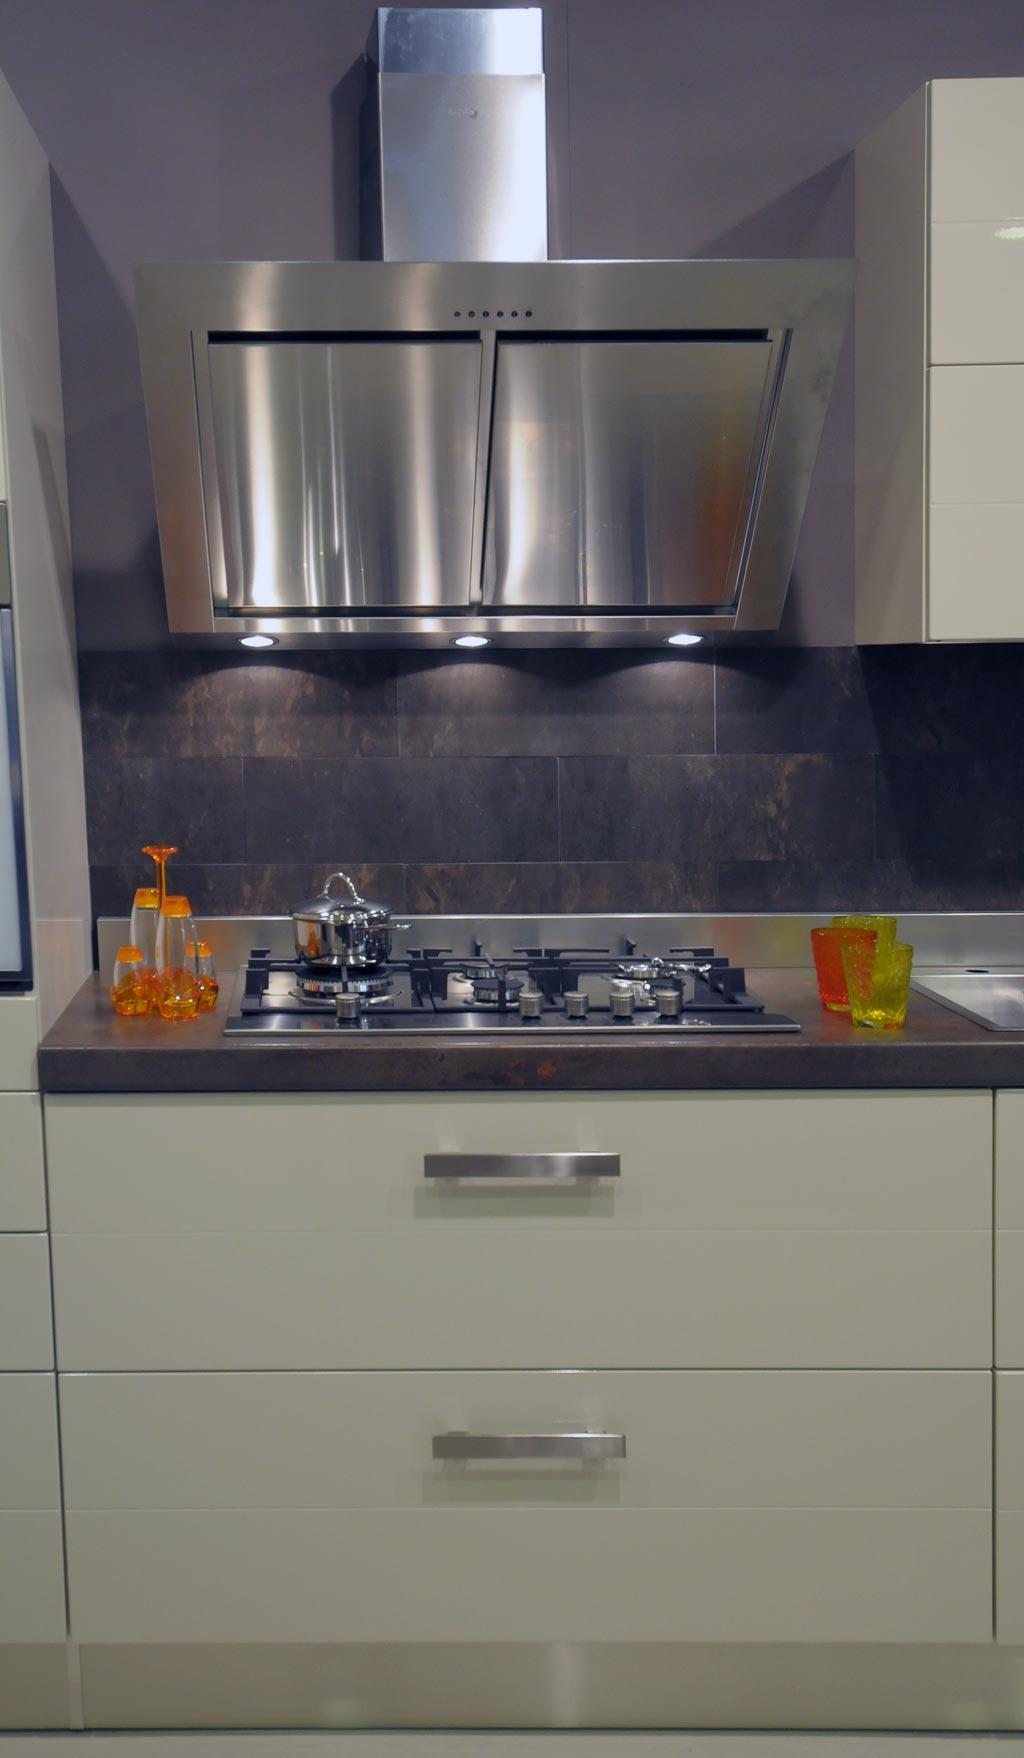 Cucina moderna Starlight - Rivenditori cucine Sicilia